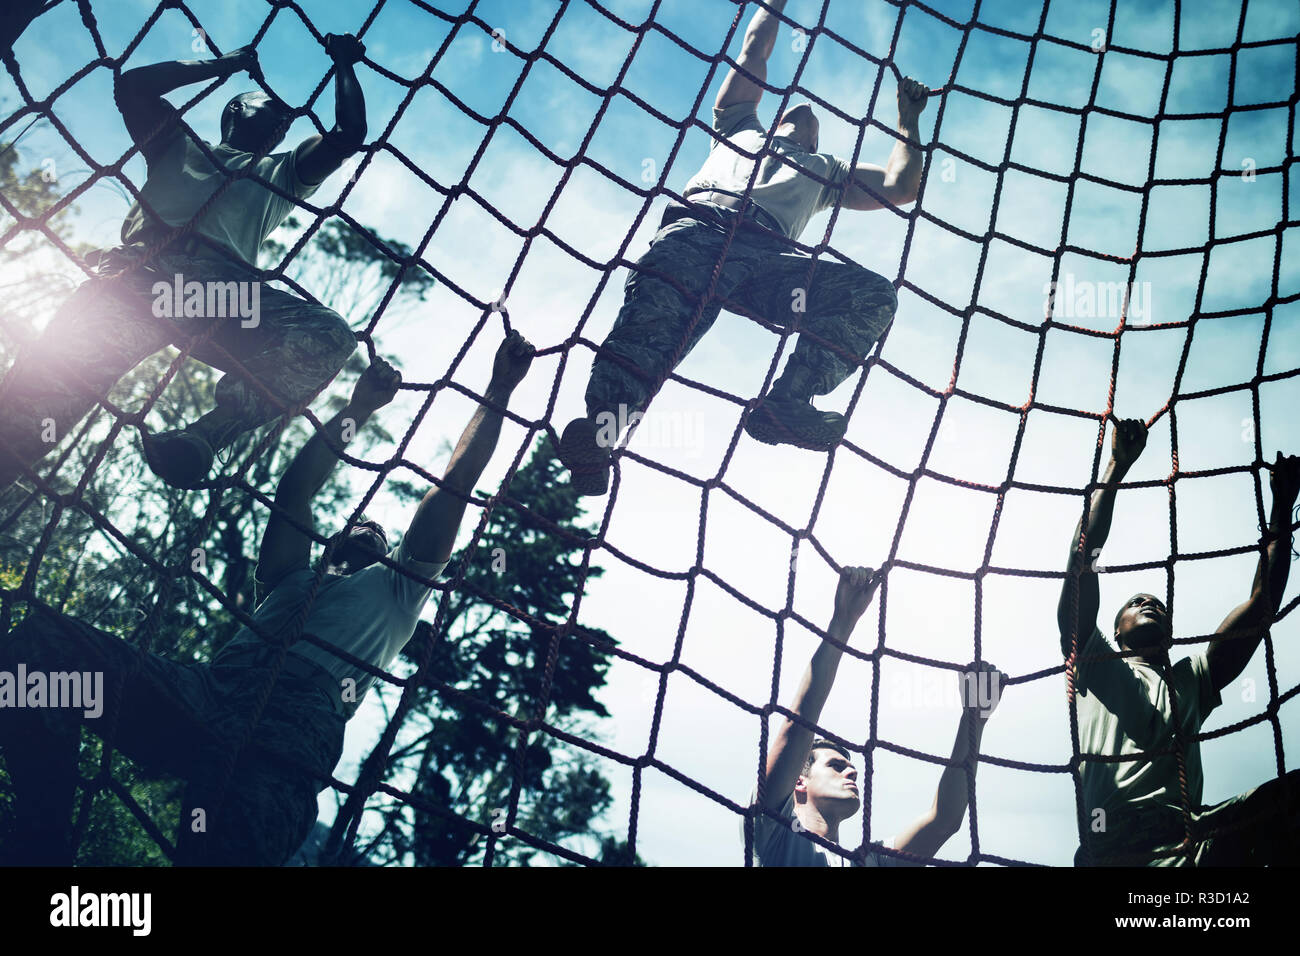 Los militares tipo cuerda de escalada durante la carrera de obstáculos Imagen De Stock